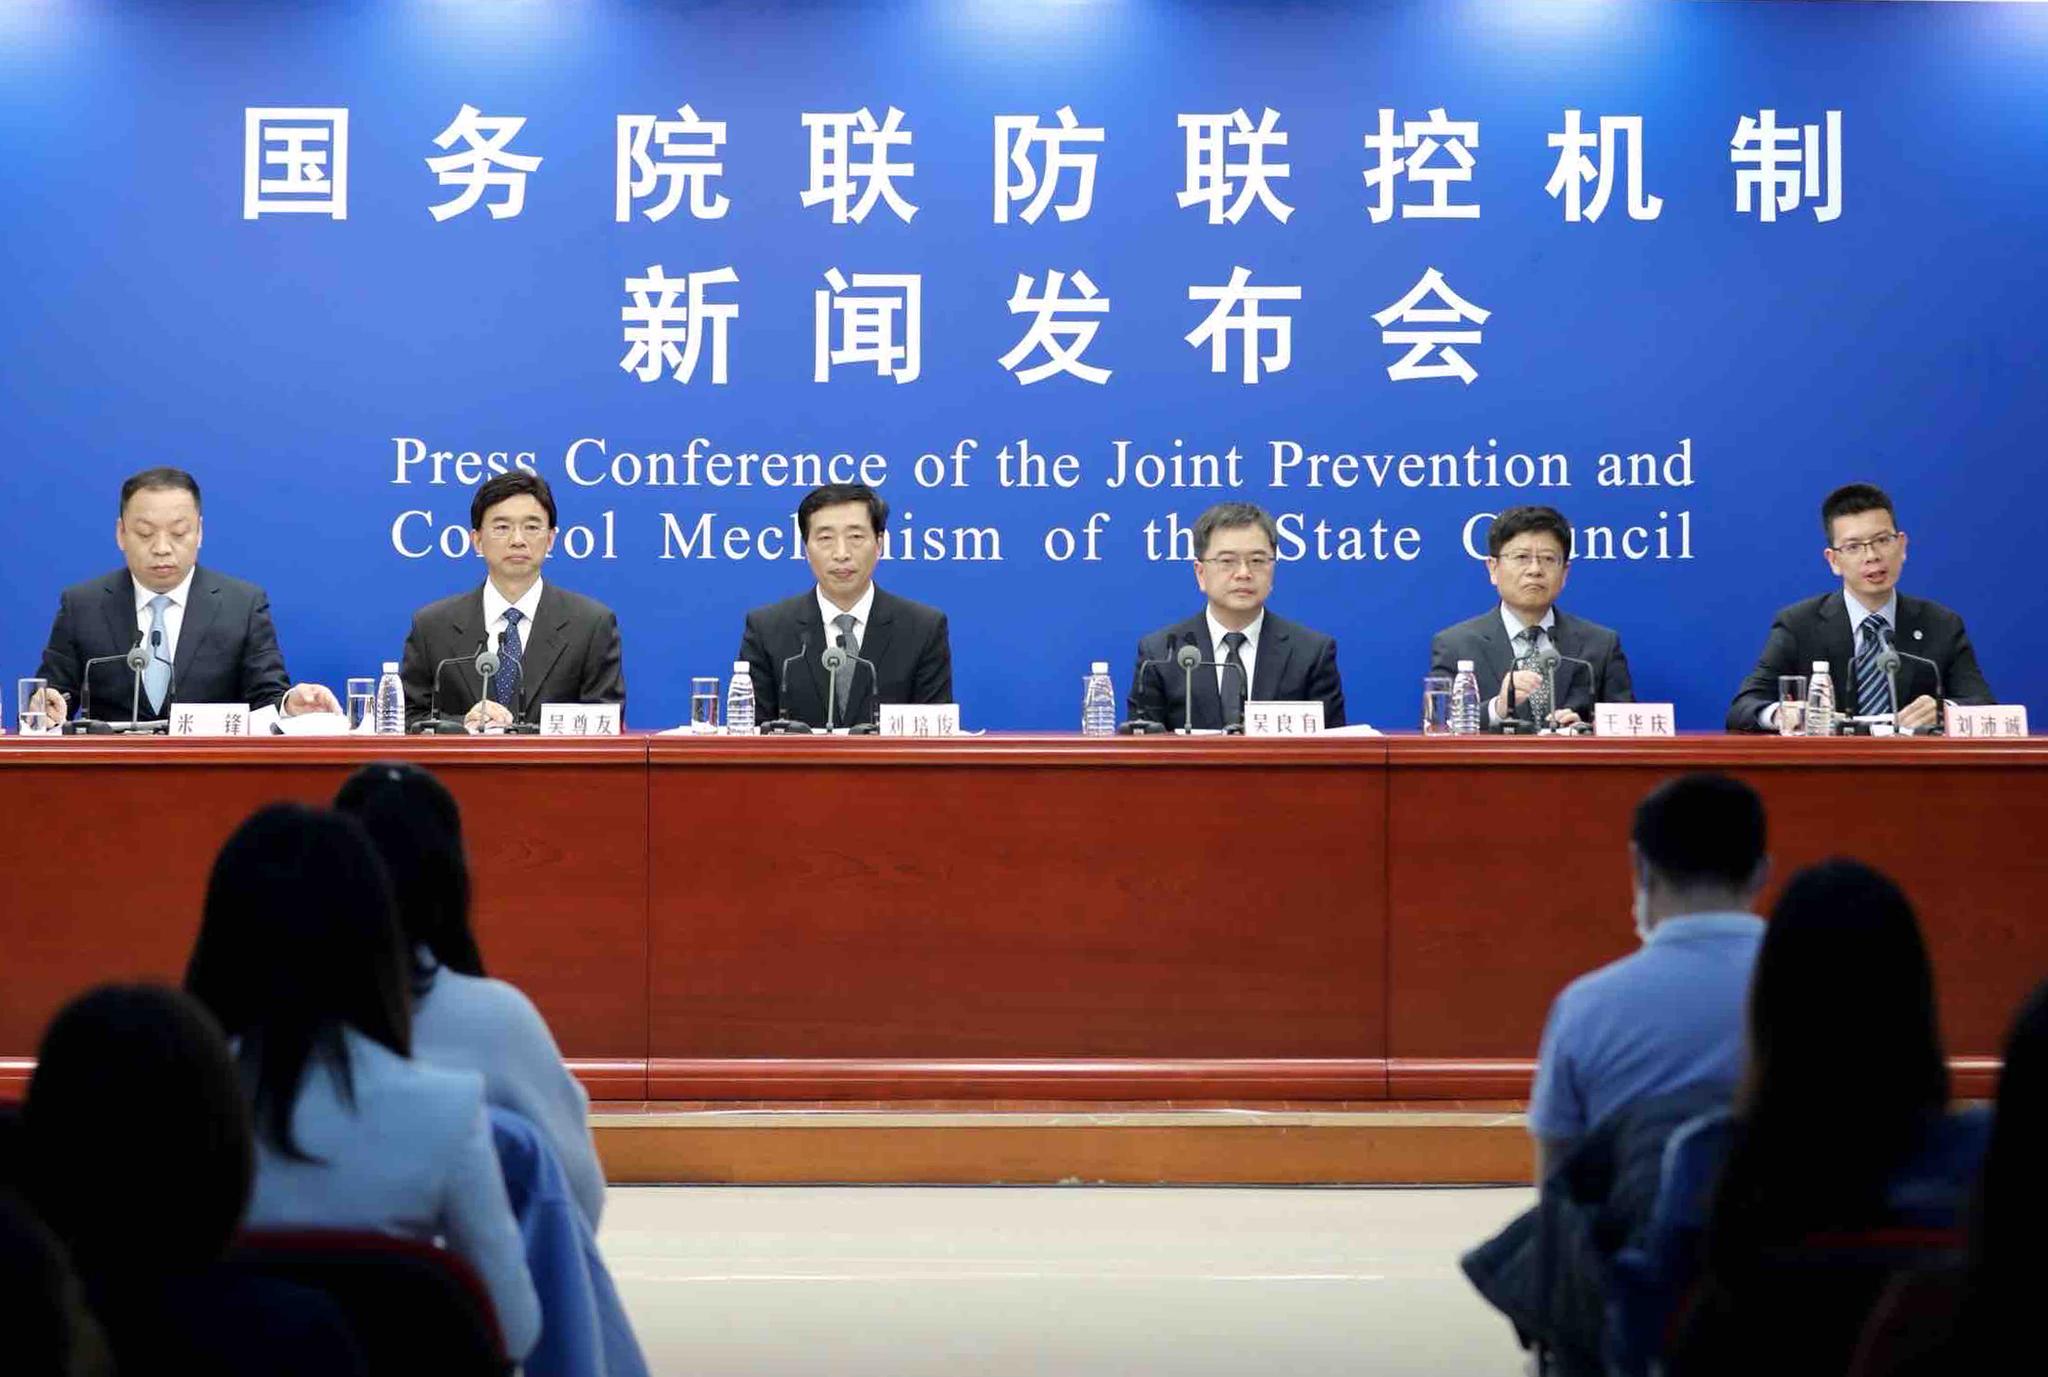 新华全媒+丨国务院联防联控机制就新冠疫情防控和疫苗接种有关情况举行发布会